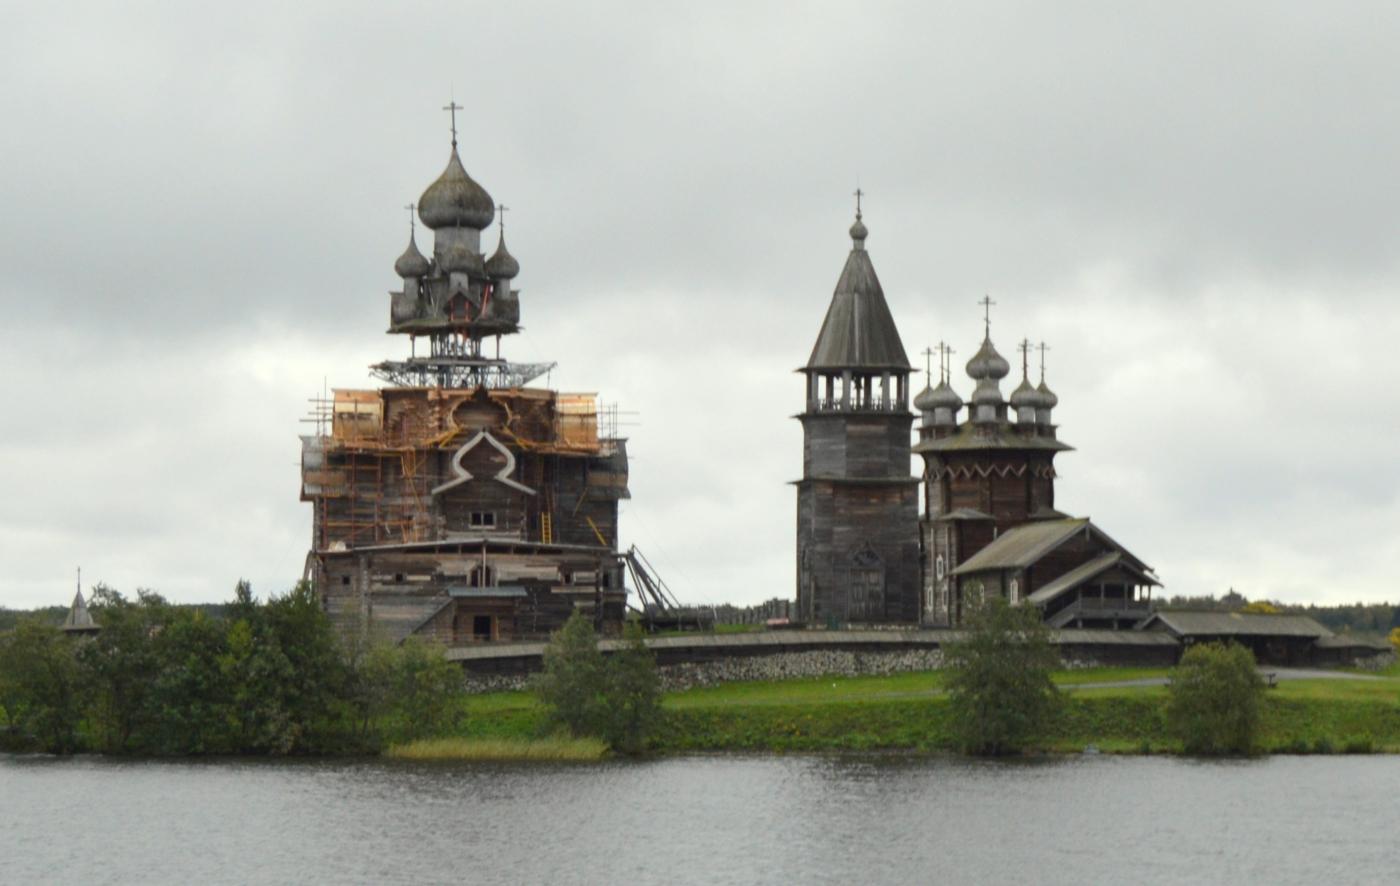 俄羅斯小鎮風光_圖1-1